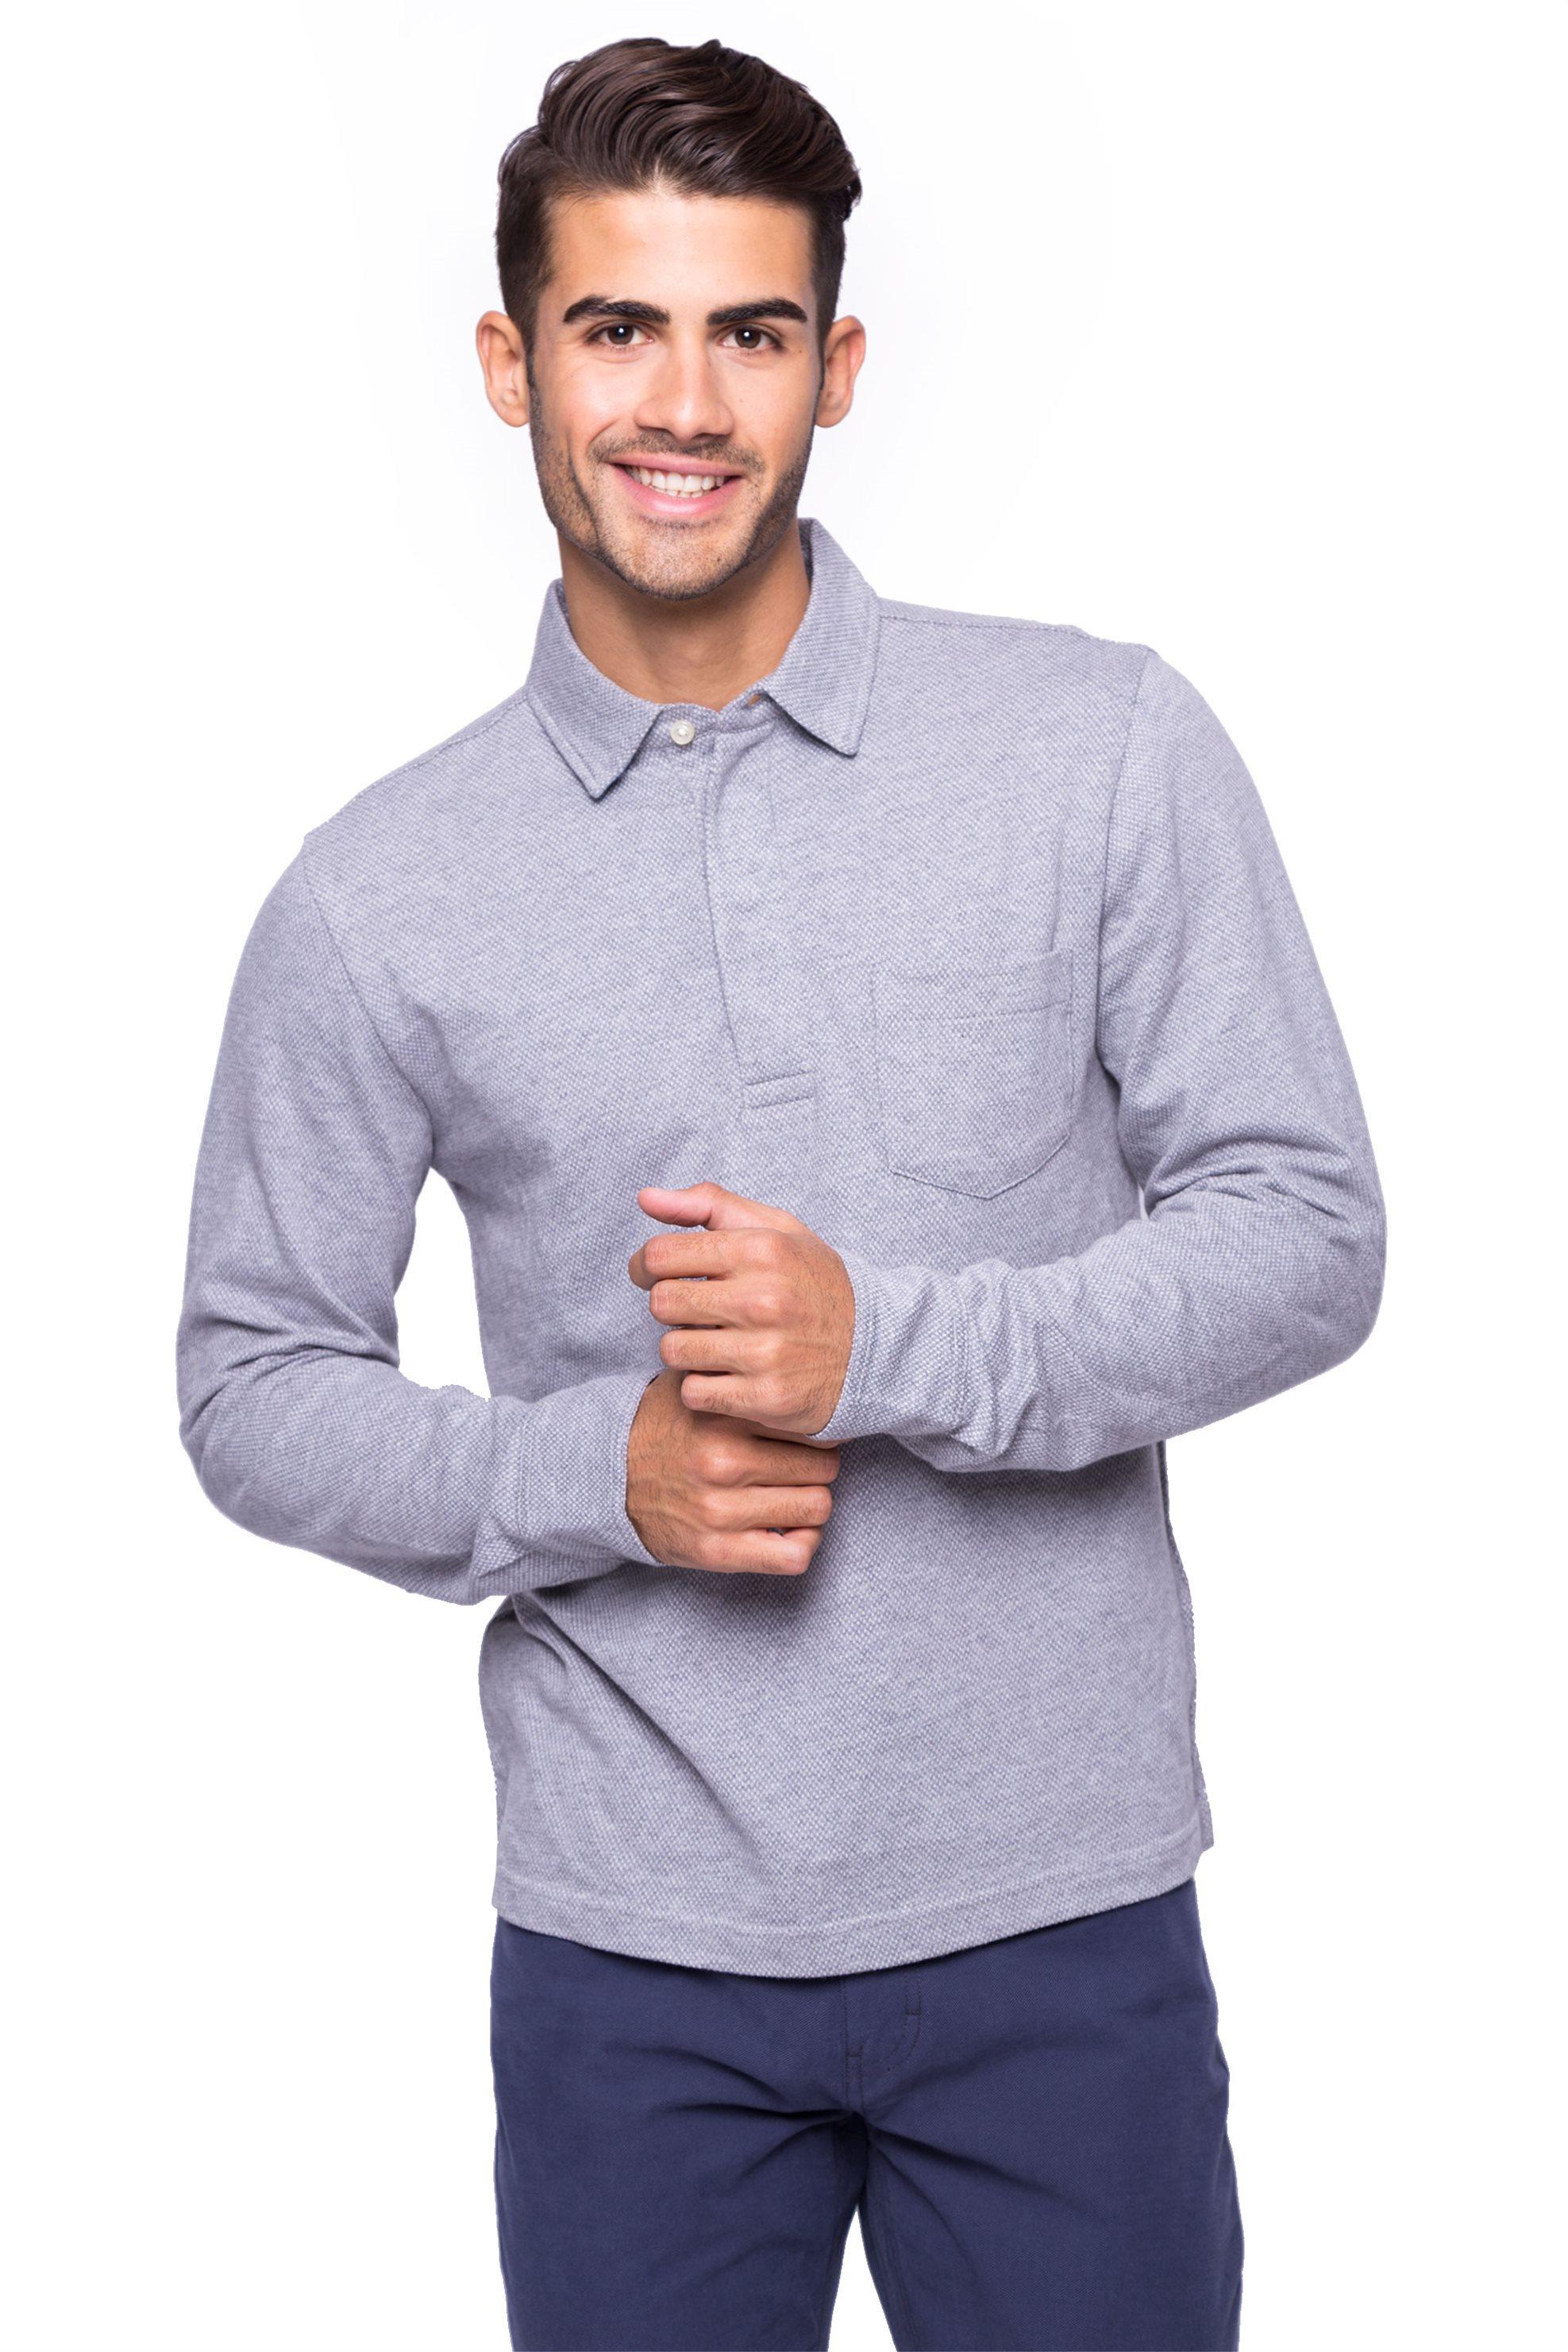 Ανδρική μπλούζα Chaps - 750662265002 - Γκρι ανδρασ   ρουχα   μπλούζες   πόλο